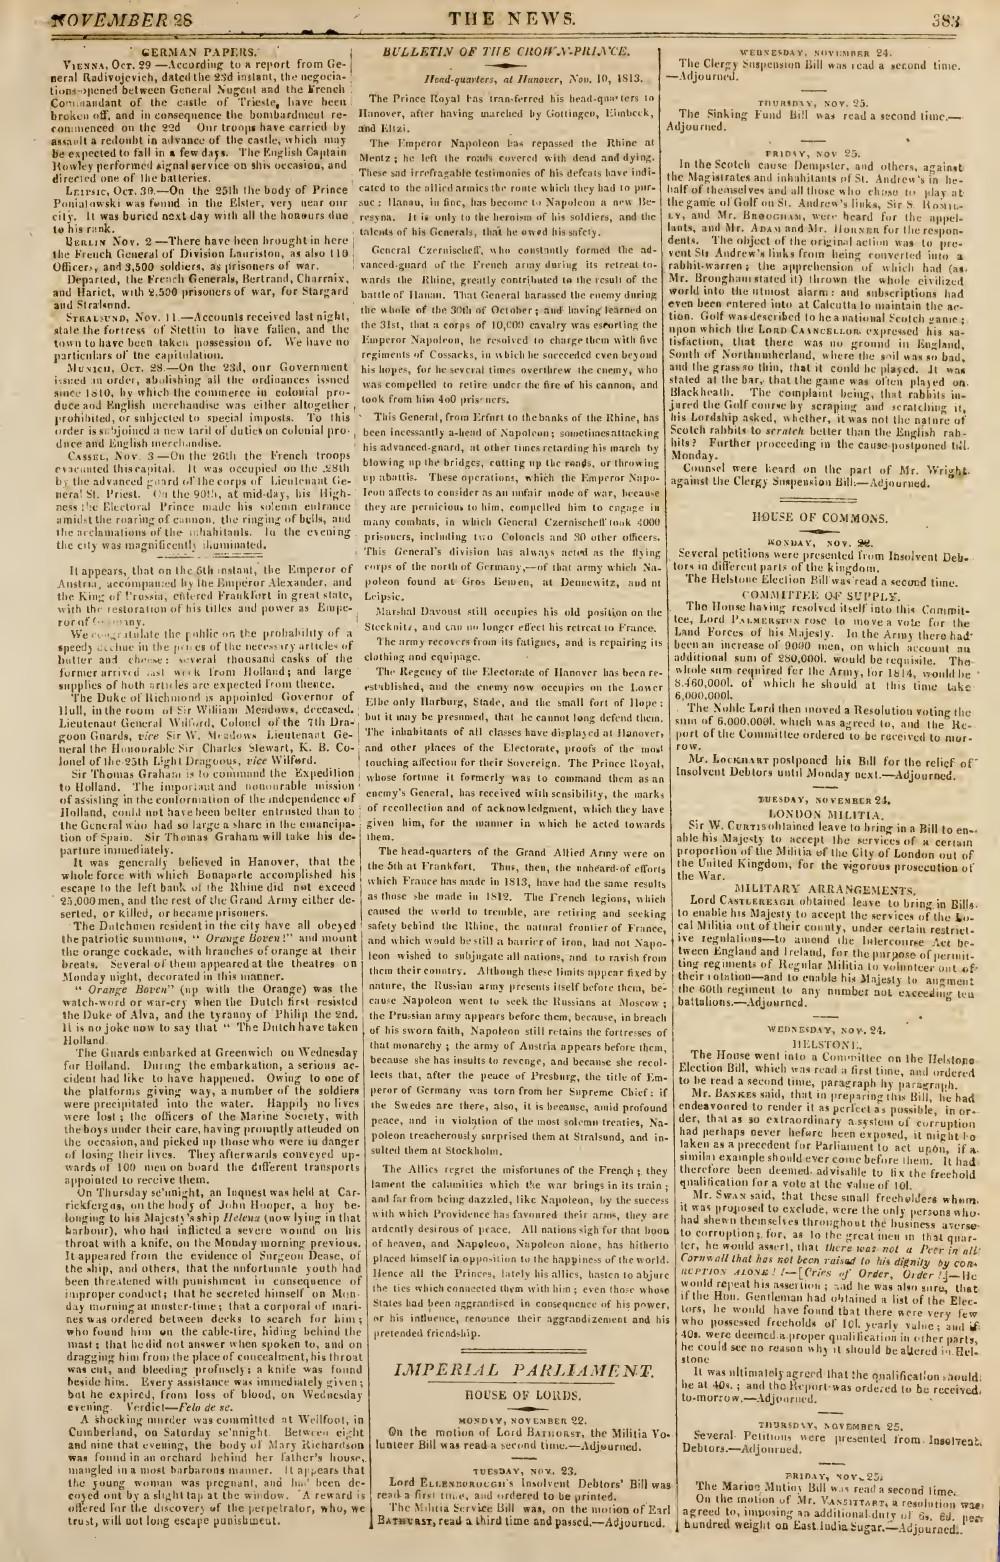 The News, 28 November 1813, No. 438